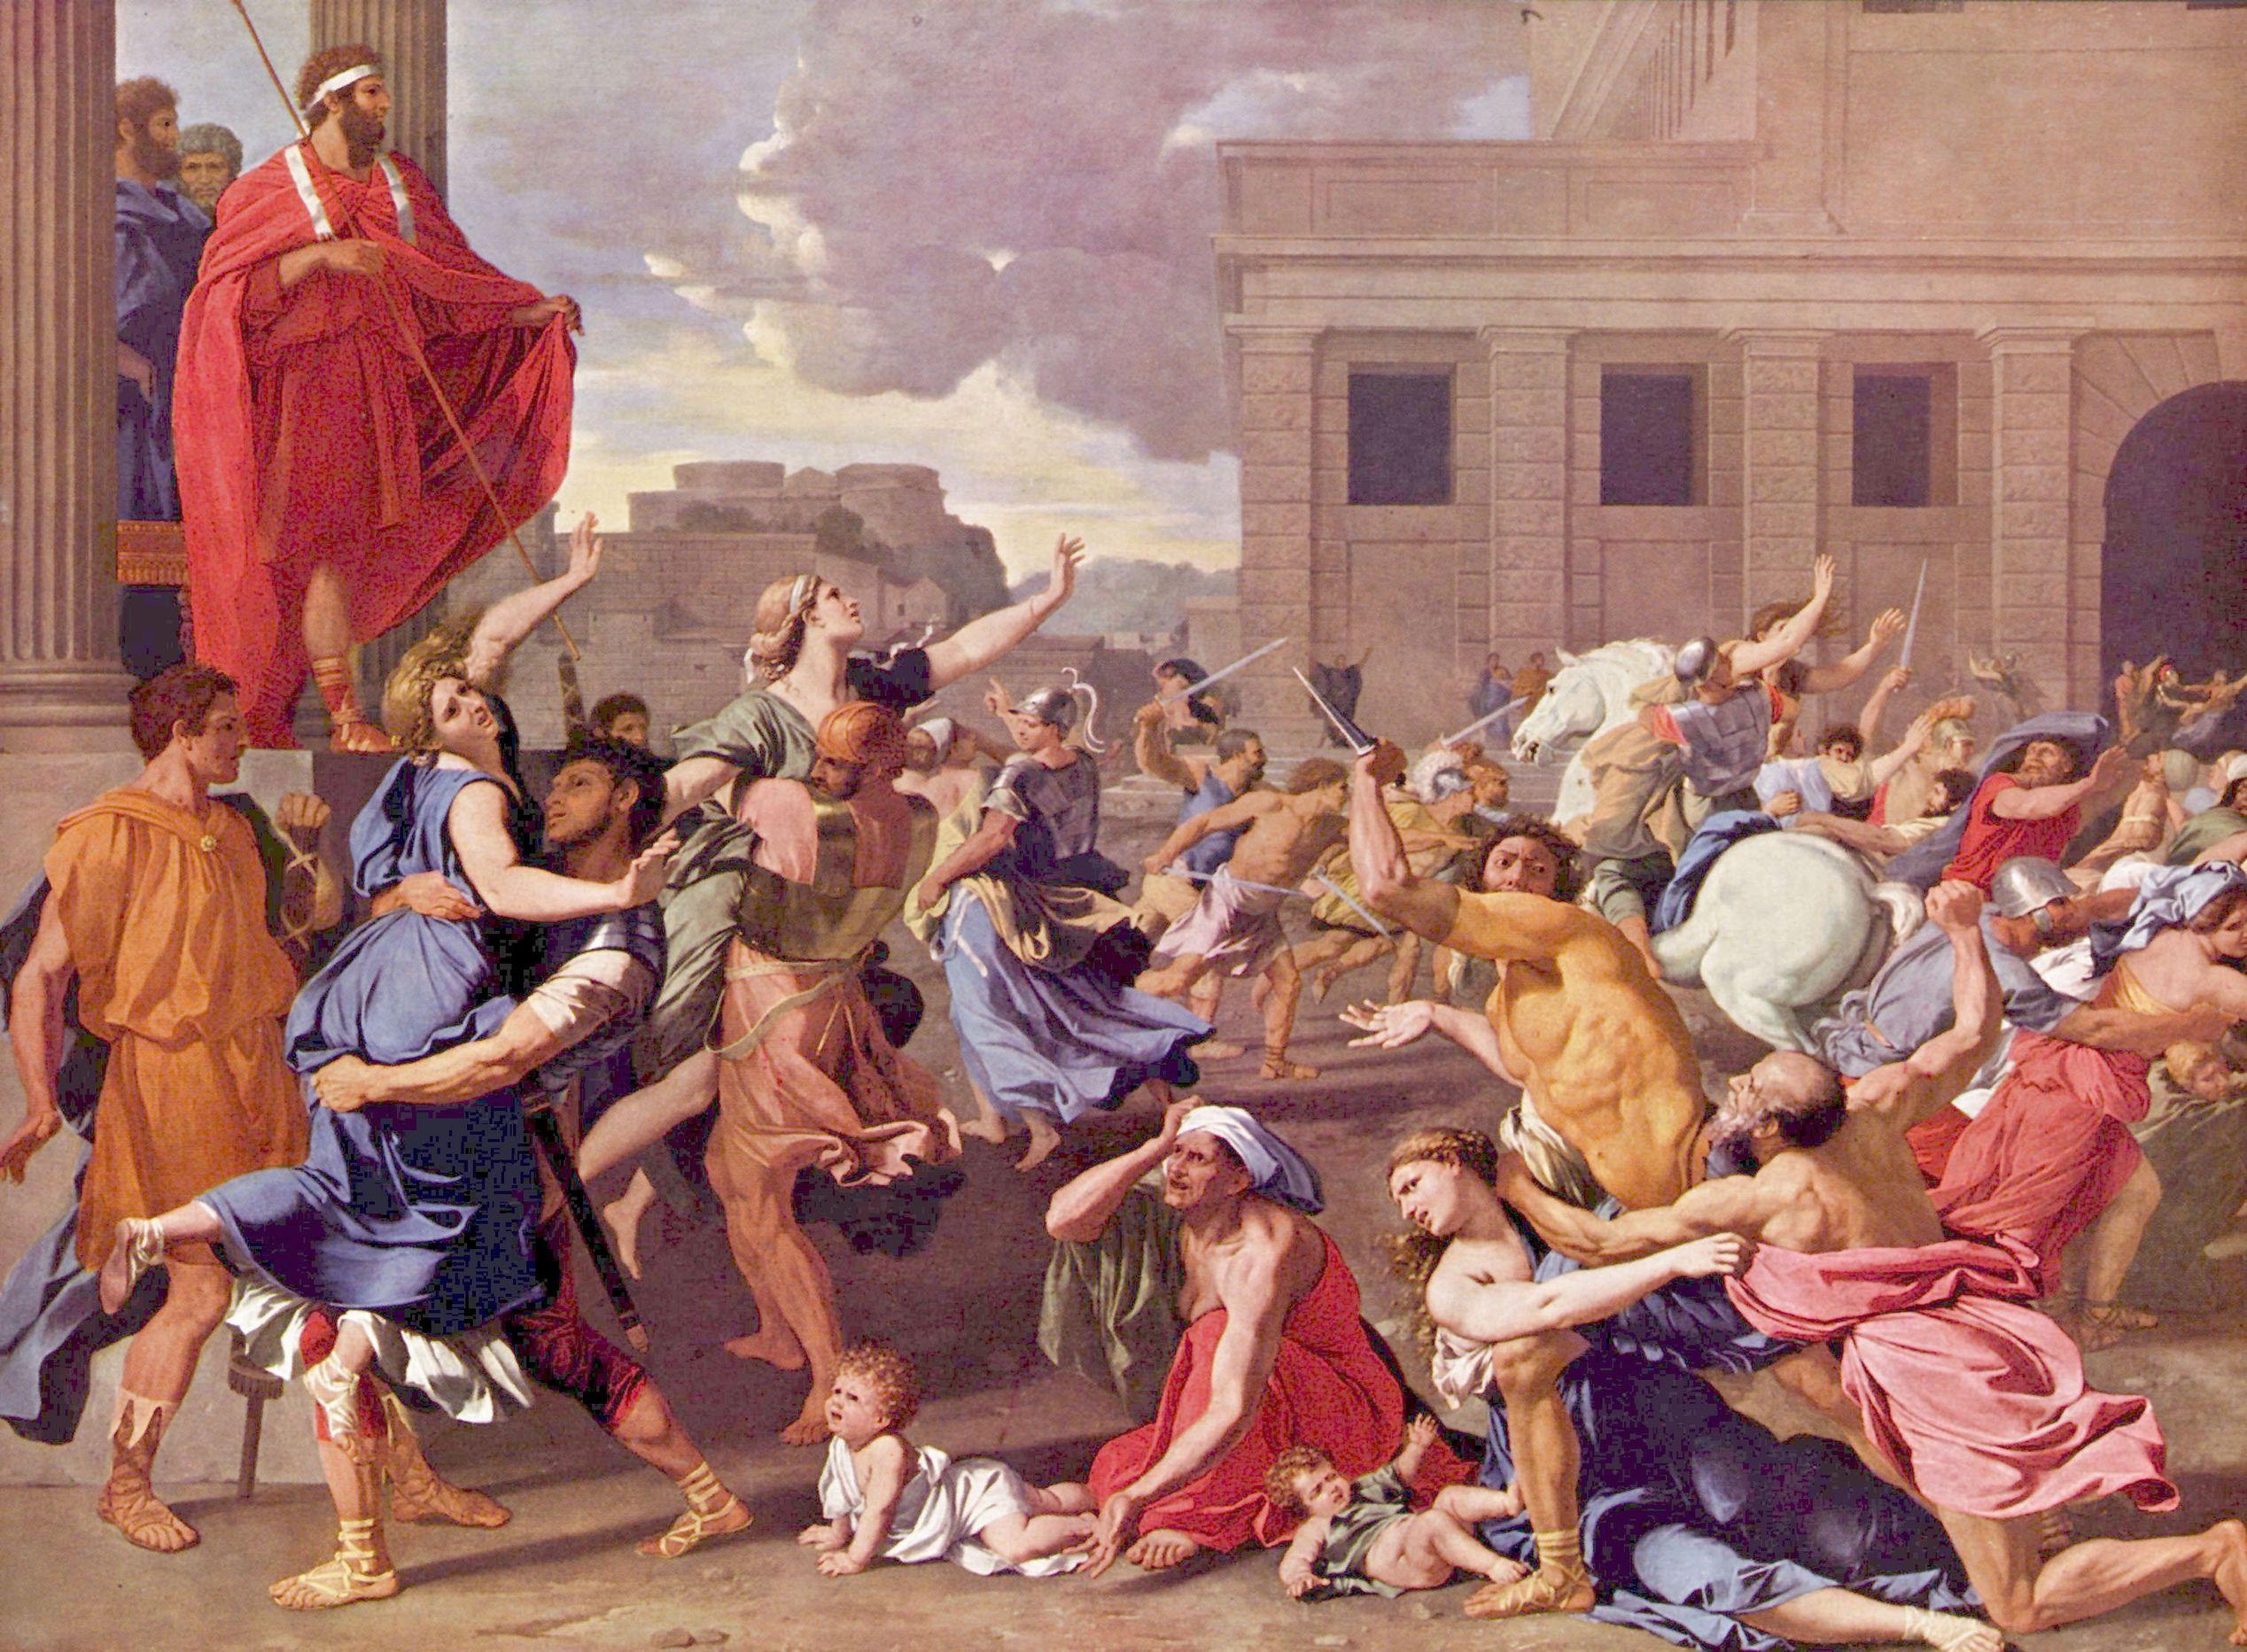 Nicolas poussin raub der sabinerinnen 07789